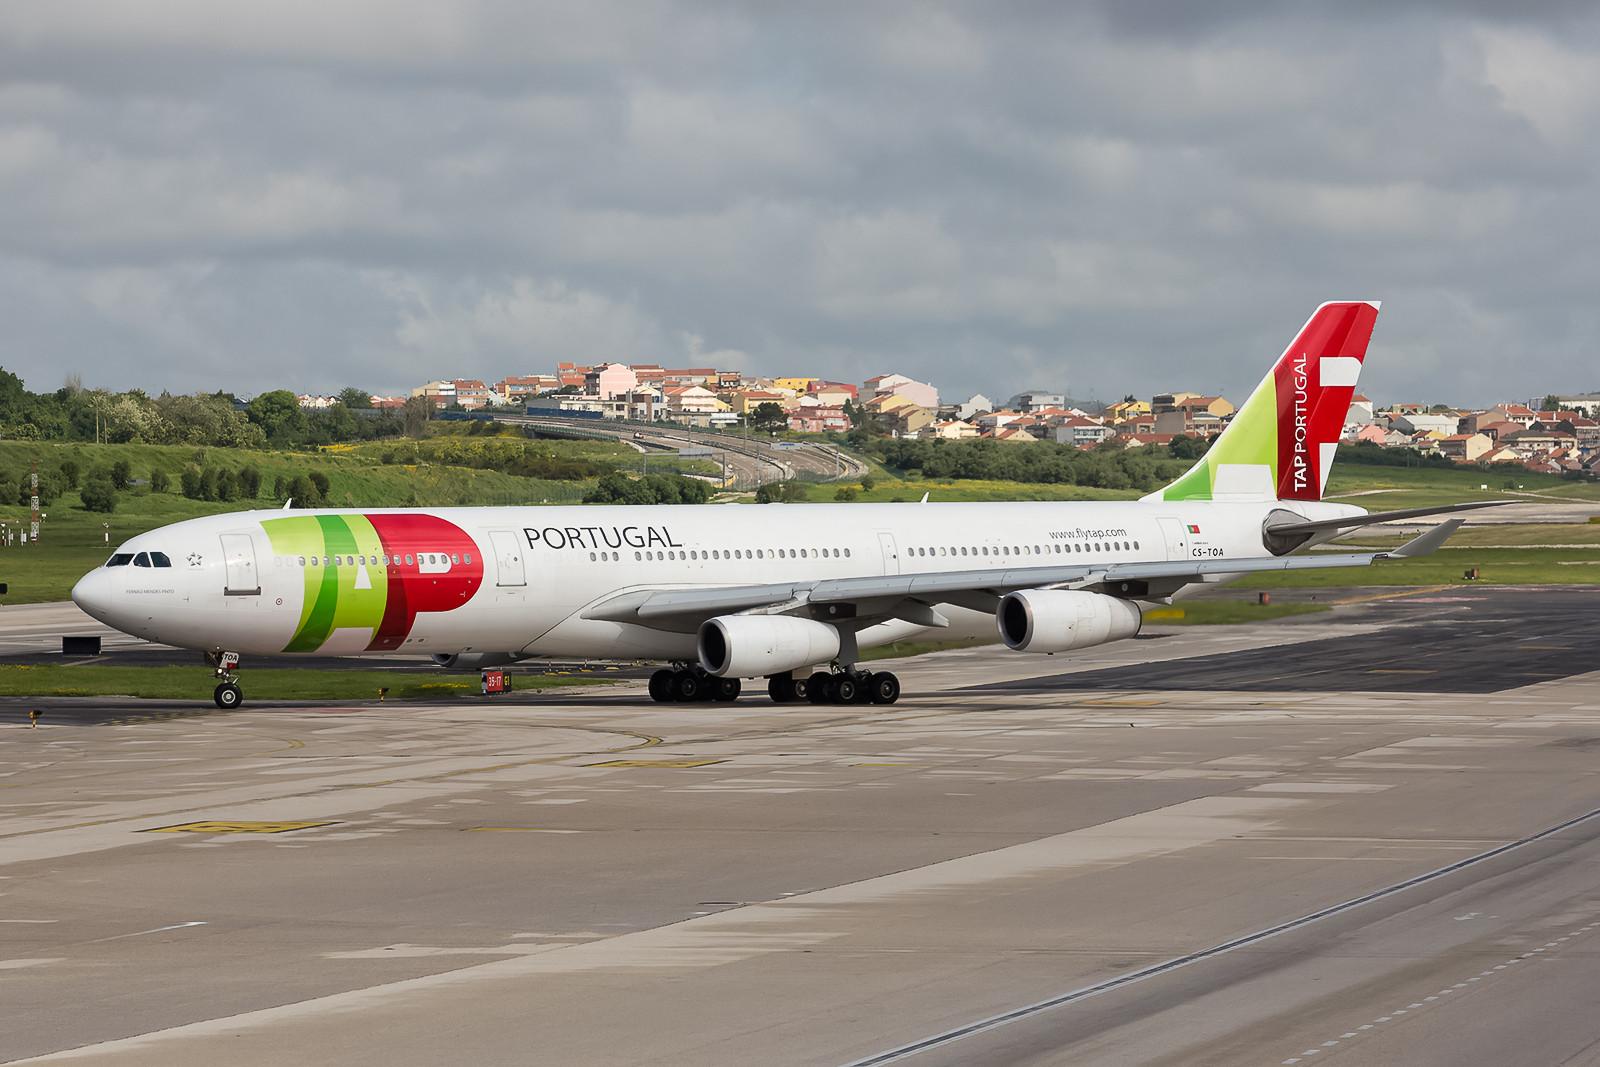 Noch 5 Airbusse A340-300 betreiben die Portugiesen, mal sehen wie lange noch.